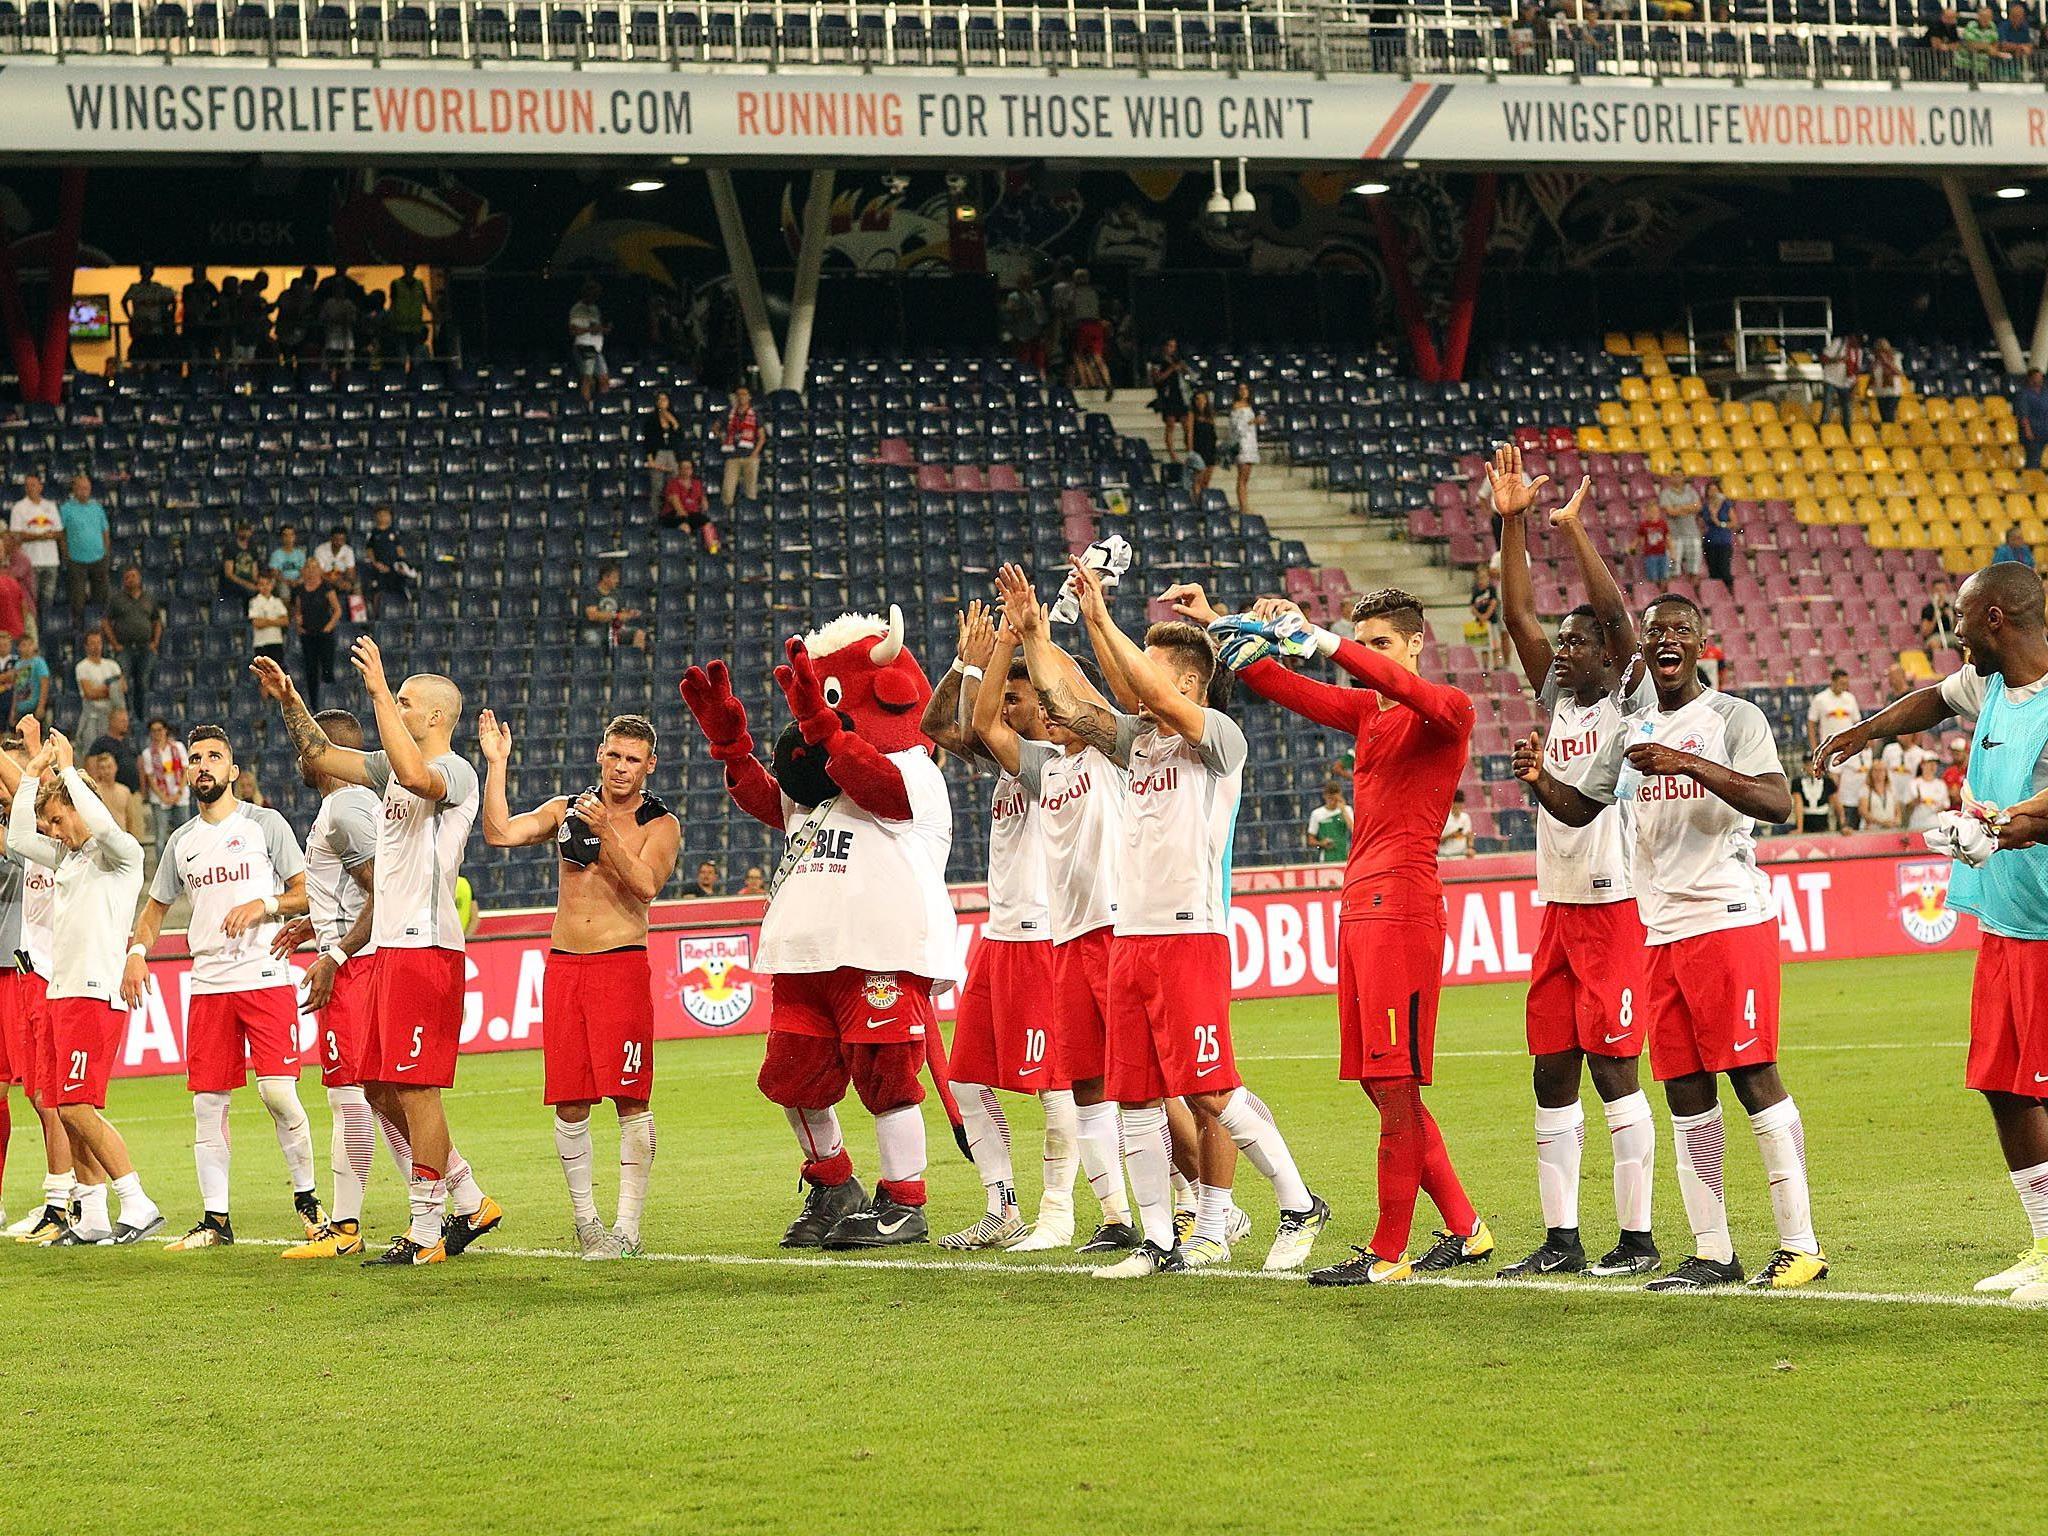 Red Bull Salzburg steht in der nächsten Runde der CL-Qualifikation.